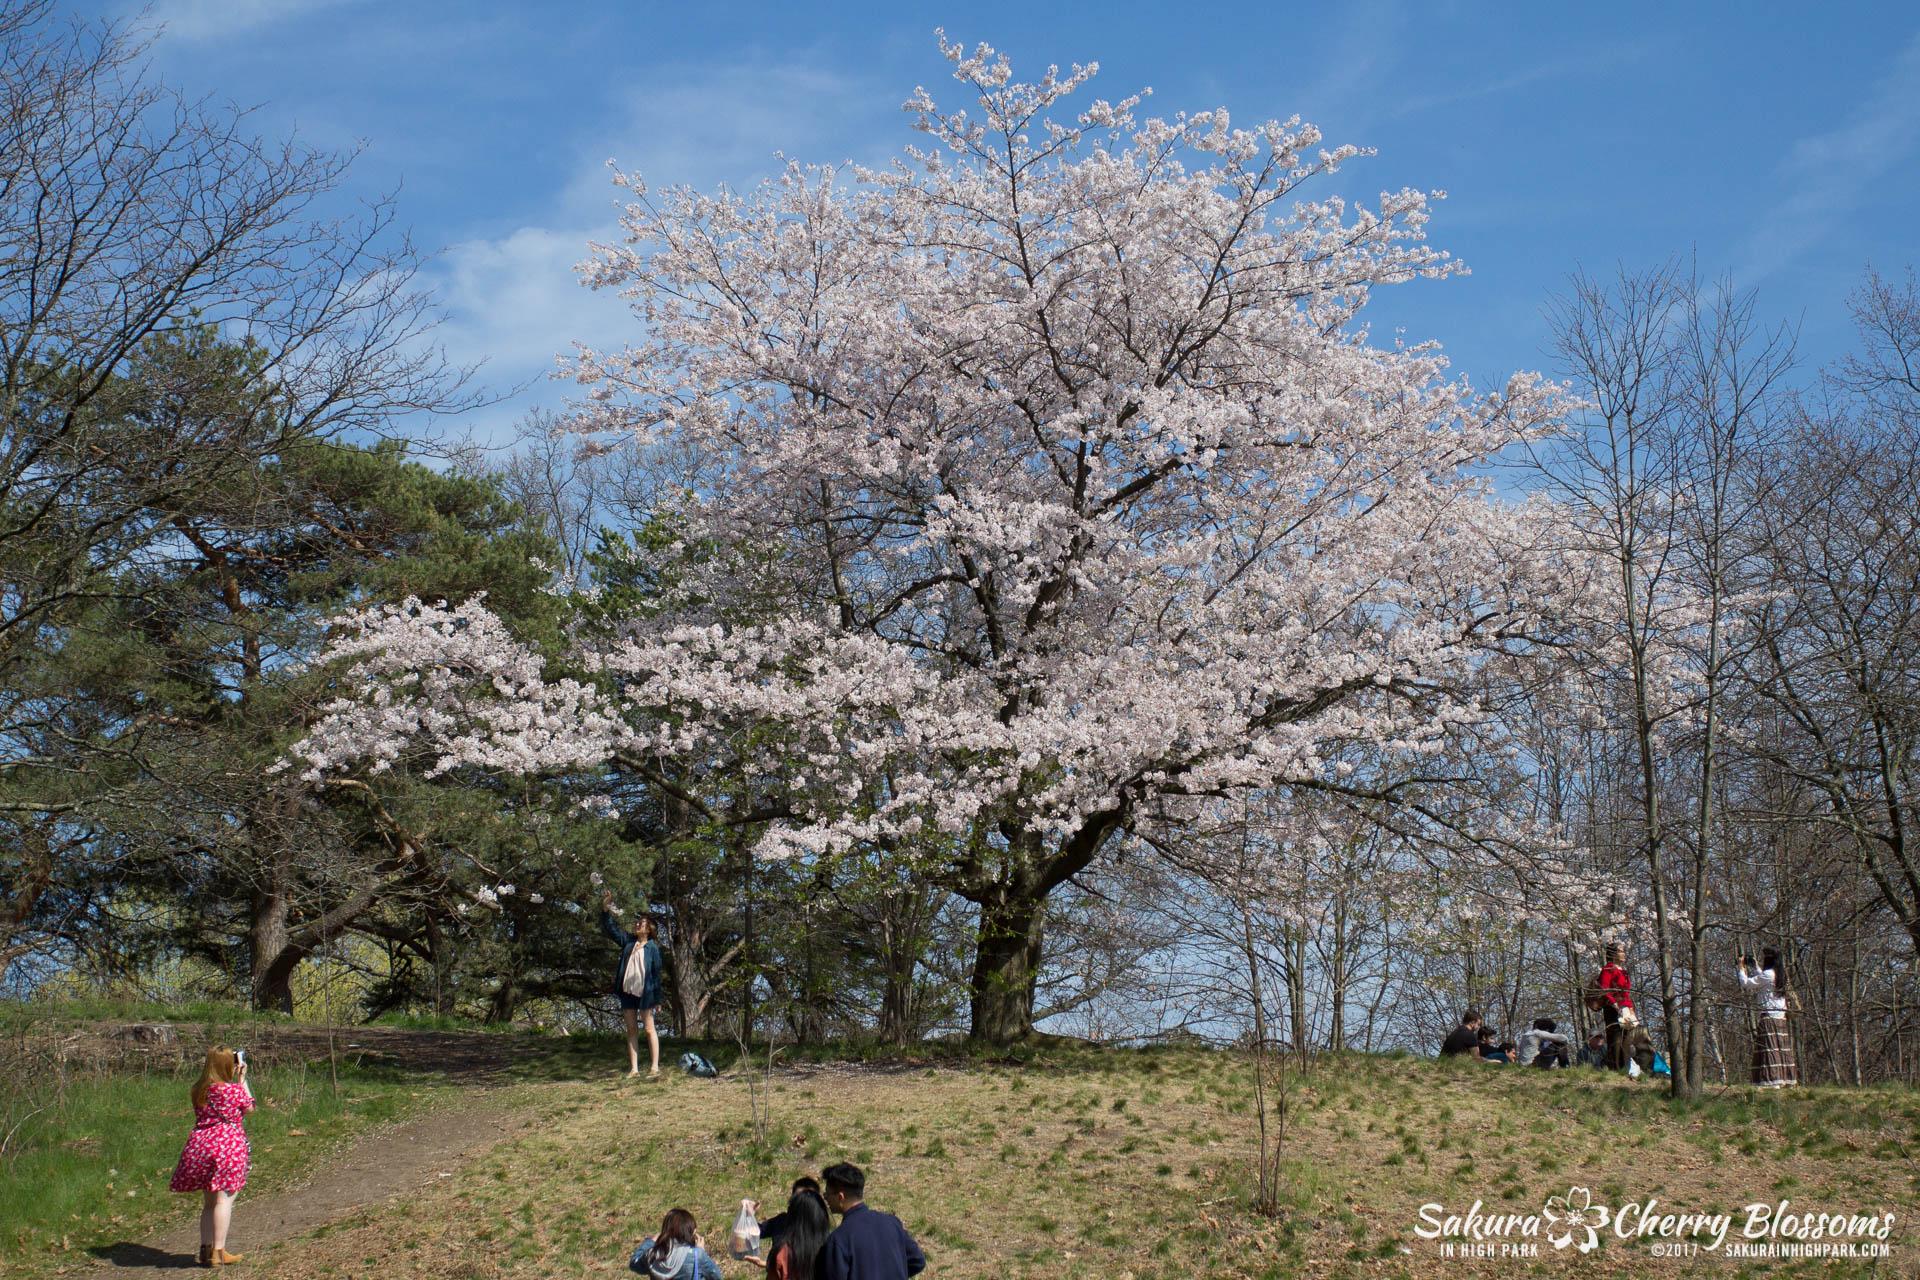 Sakura-Watch-April-28-2017-full-bloom-throughout-High-Park-5666.jpg